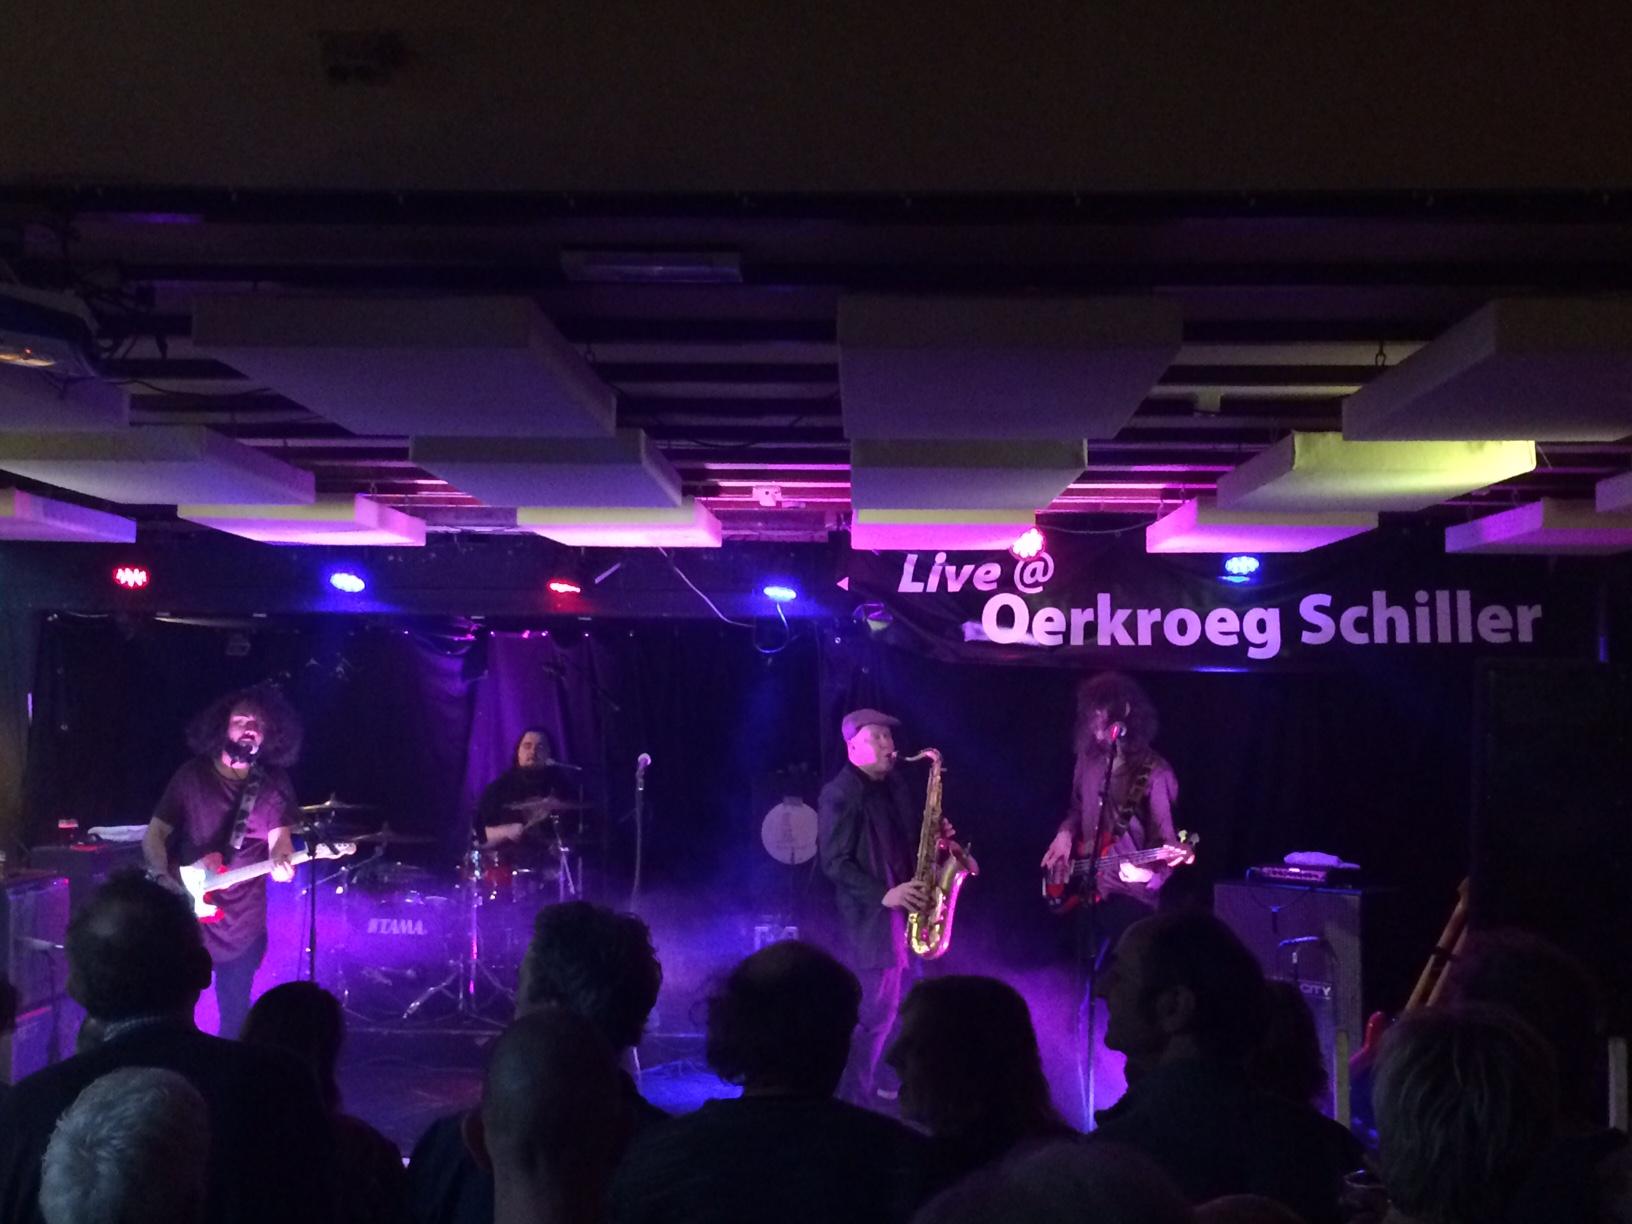 Concertreview: Bertus voor vrienden Borgers in Oerkroeg Schiller